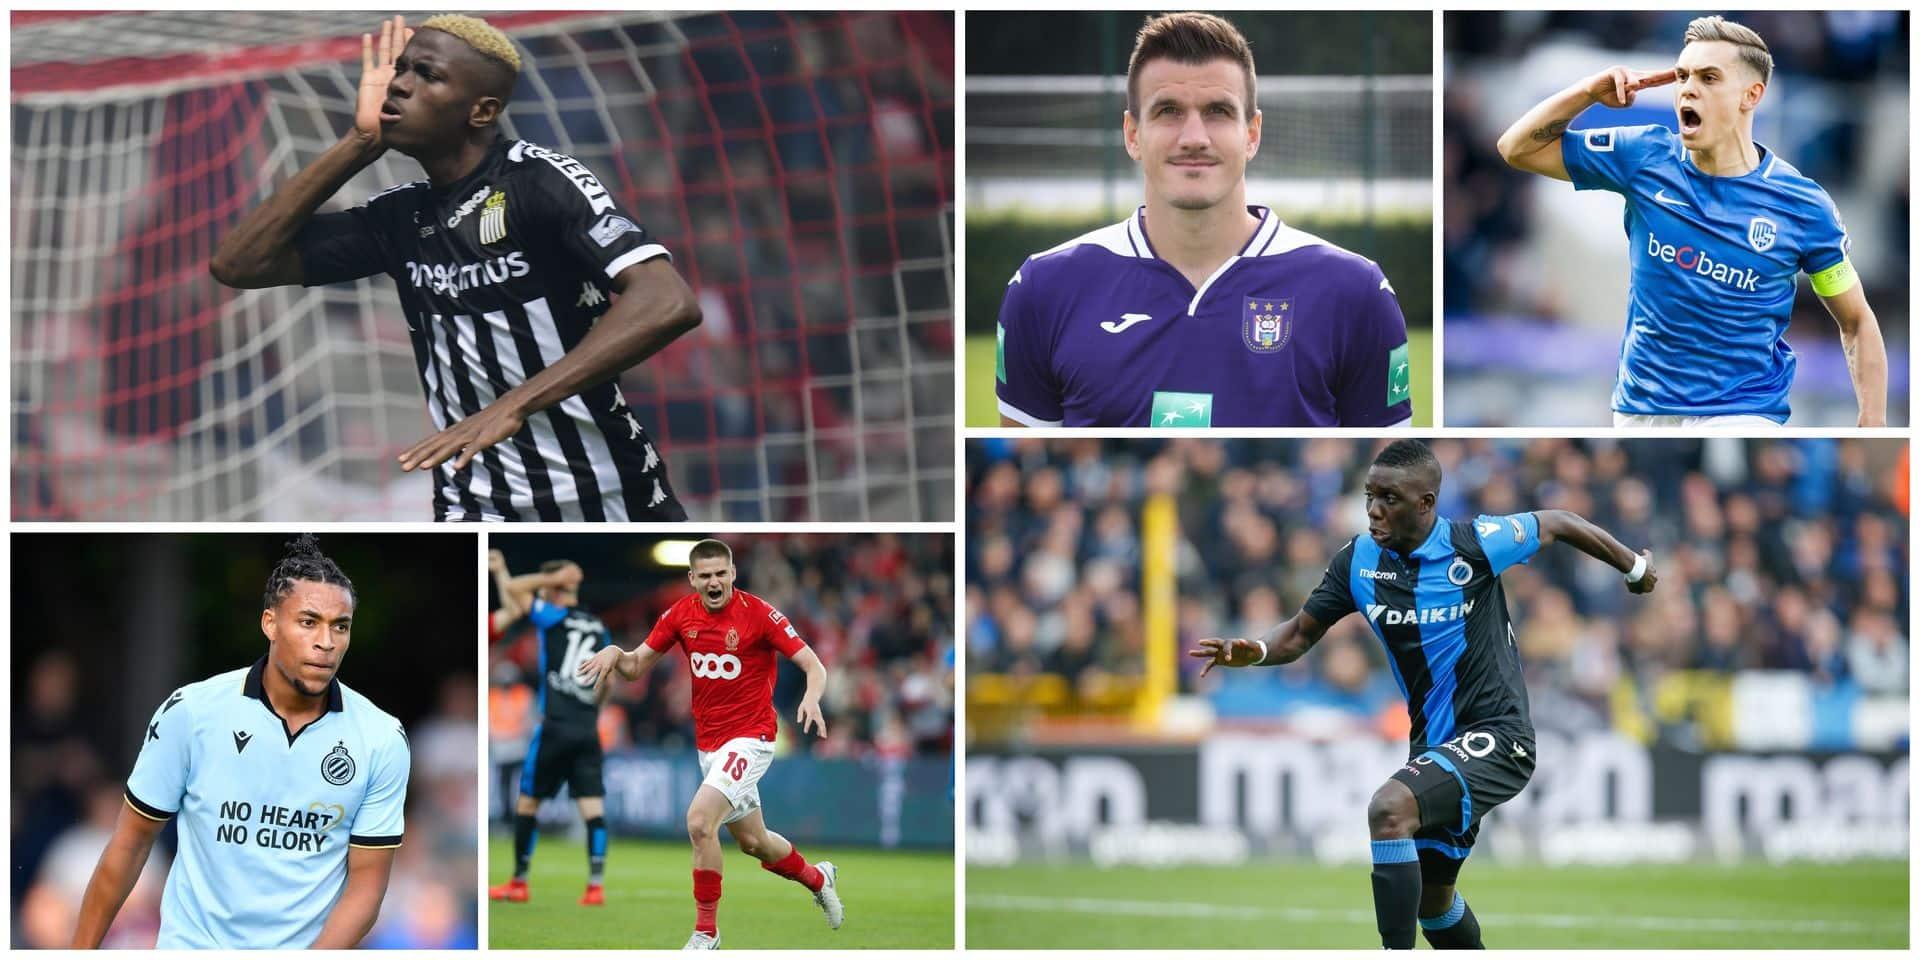 Quels clubs de Pro League ont le mieux vendu durant ce mercato?